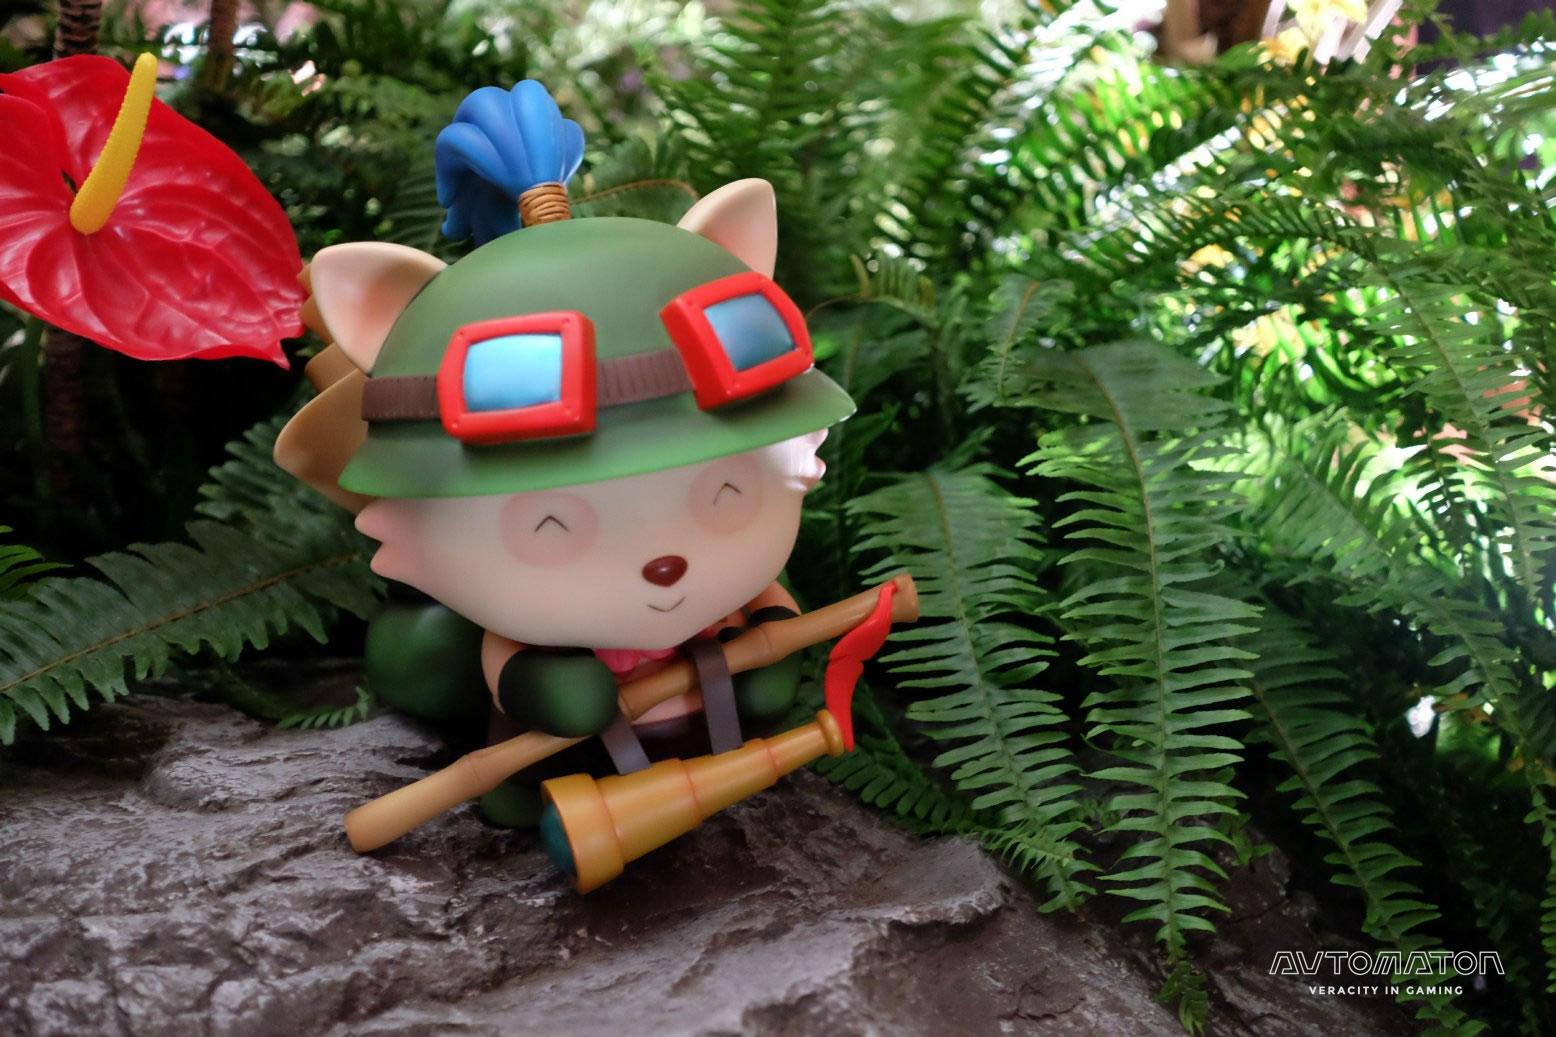 ジャングル内にはニクいアイツも潜んでいて……?